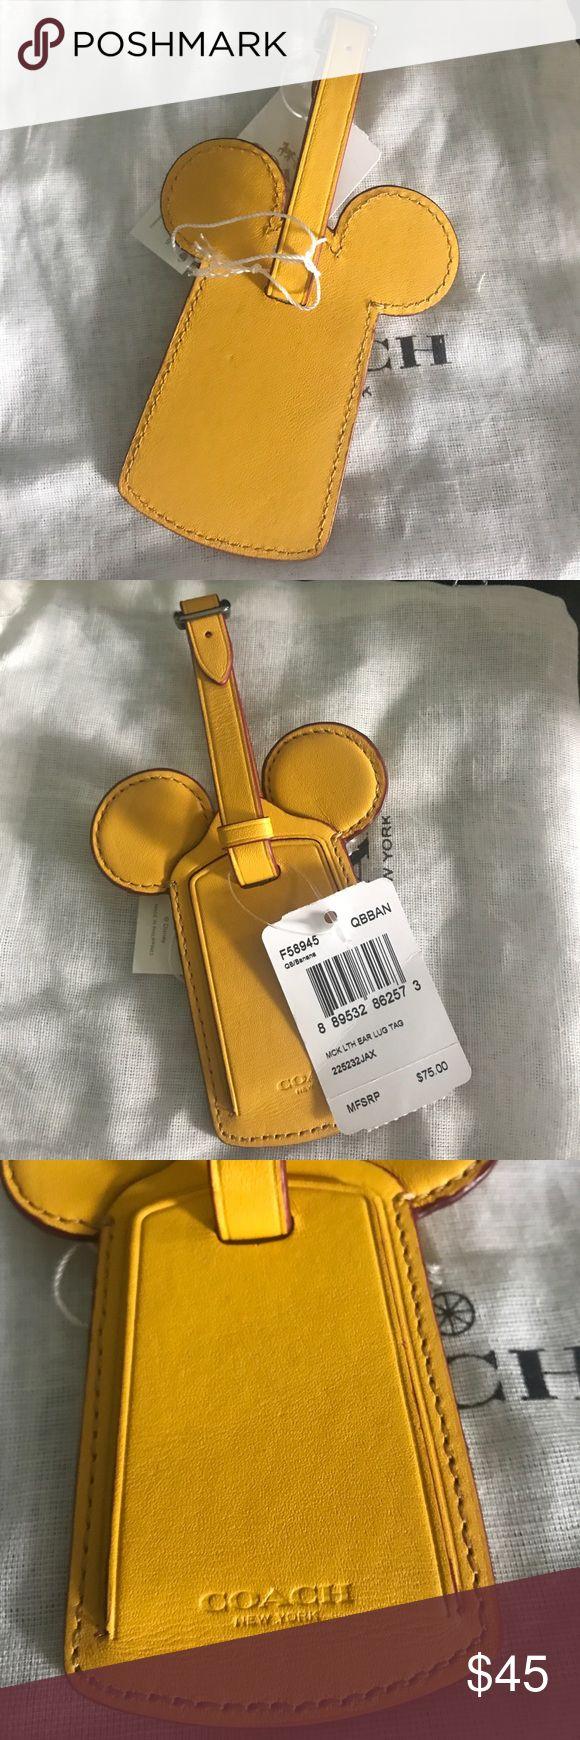 Disney X Coach Luggage Tag Yellow F58945 Super cute Disney x Coach Luggage Tag. Coach Accessories